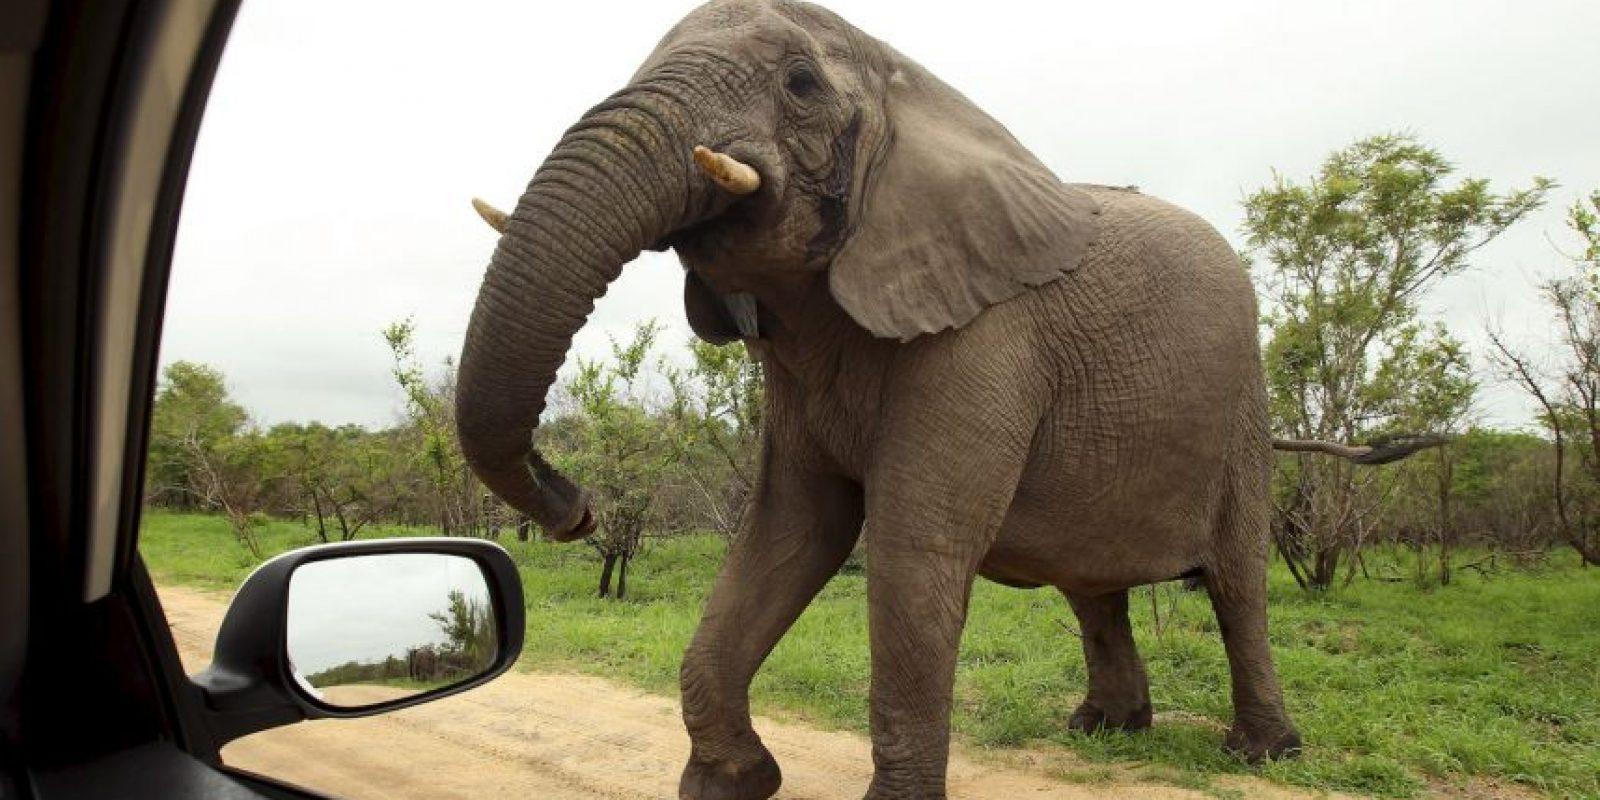 El elefante africano es el más grande de todos los mamíferos terrestres Foto:Getty Images